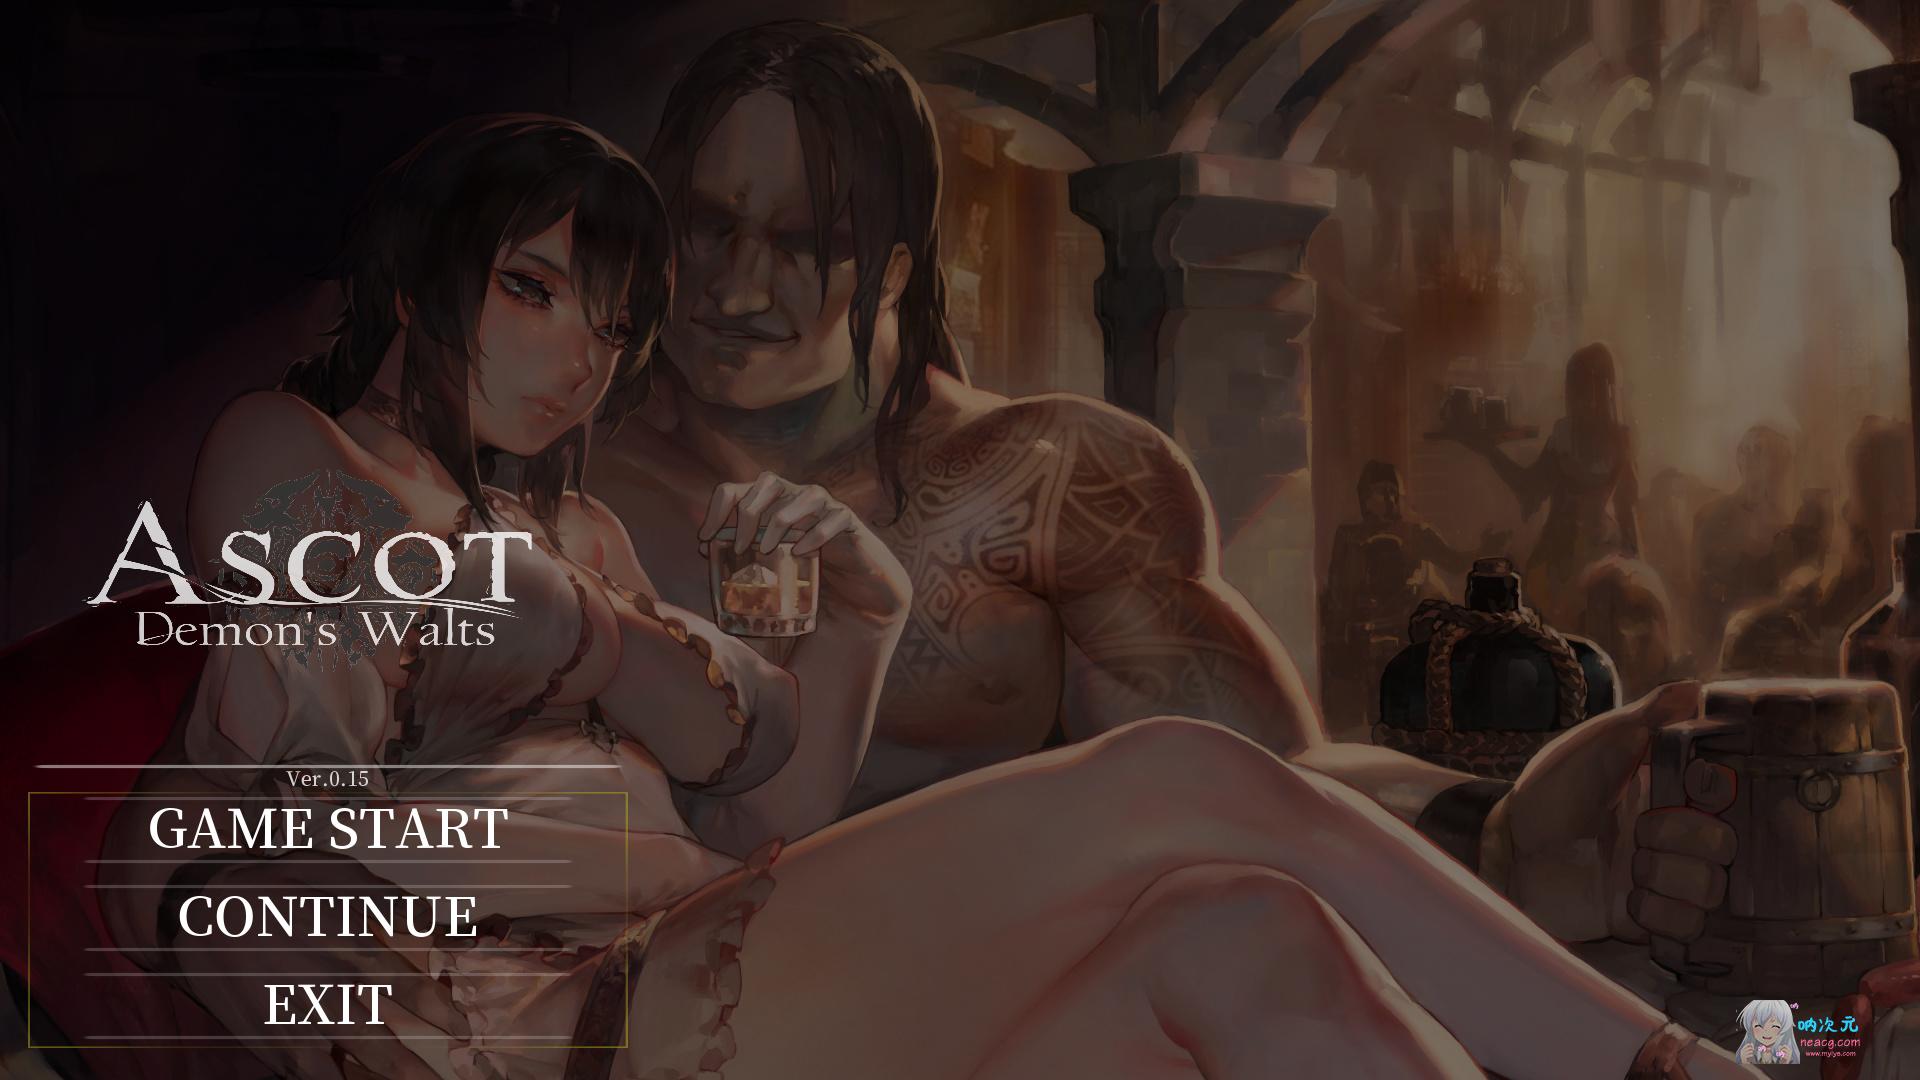 动态 恶魔的华尔兹:ASCOT V0.15游戏[ACT] 【沙盒ACT/6.6G】